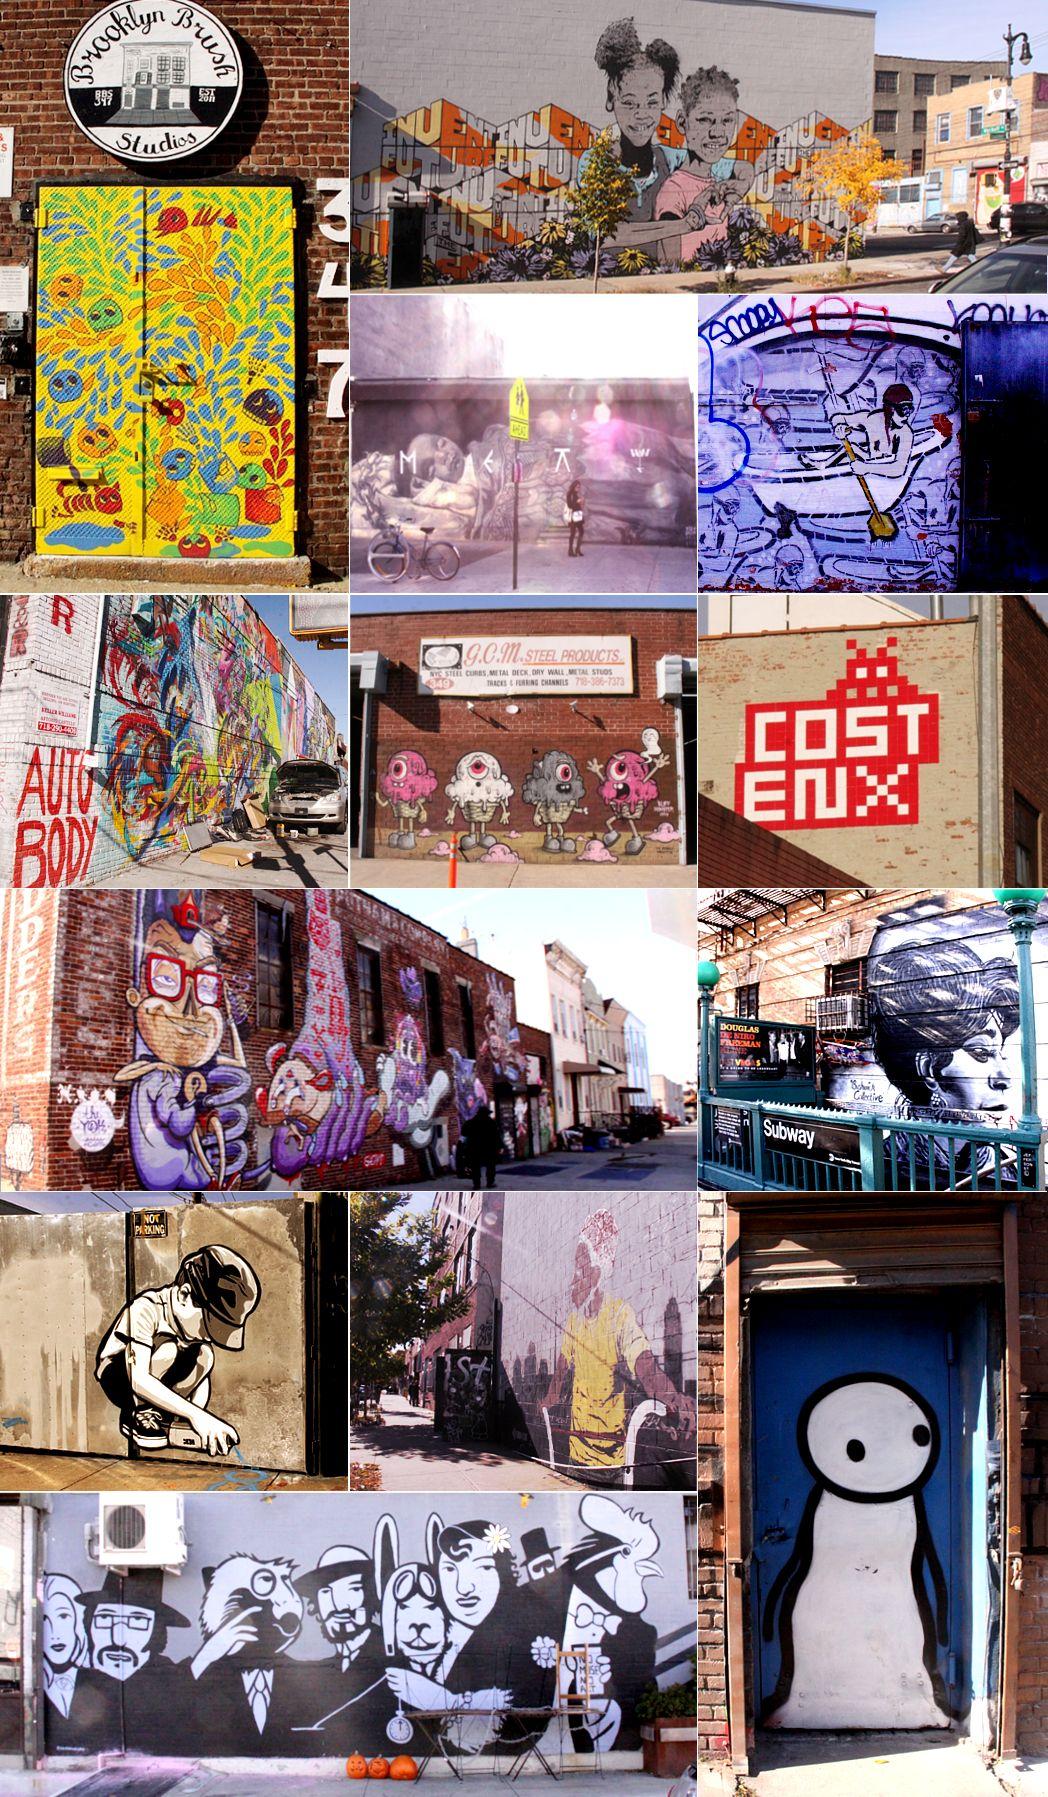 NYにあるエリア一帯がグラフィティの街、ブッシュウィック・コレクティブ(the Bushwick Collective)_b0007805_23323727.jpg